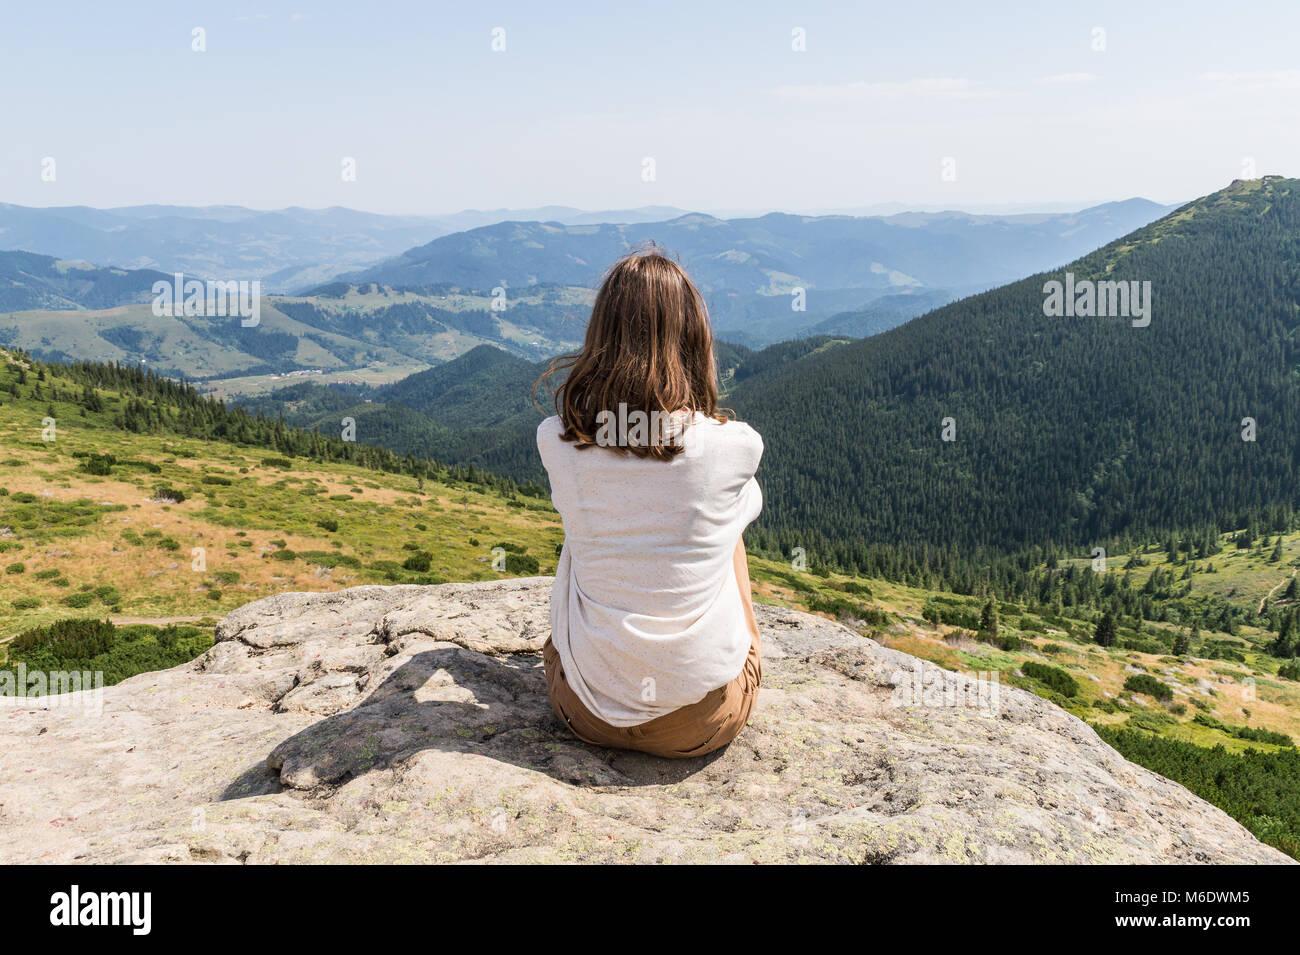 Mädchen tourist genießt herrliche Landschaft auf sonnigen Tag Stockbild